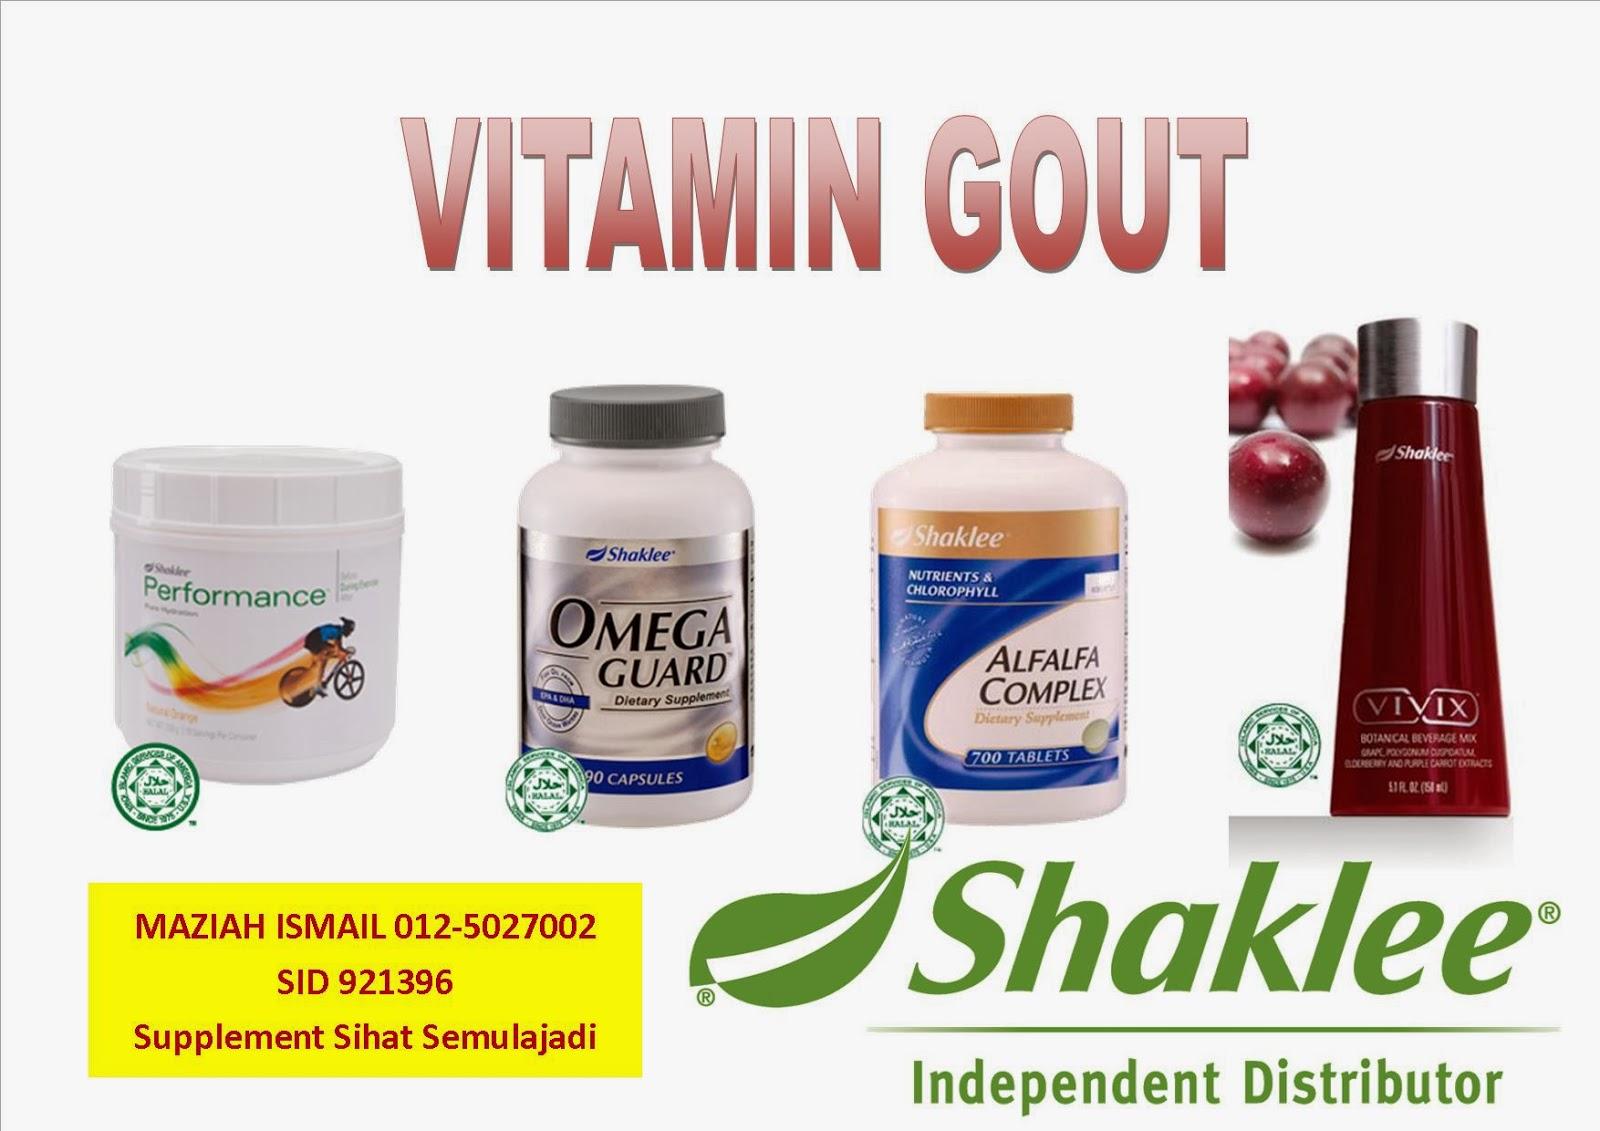 Vitamin Gout Shaklee